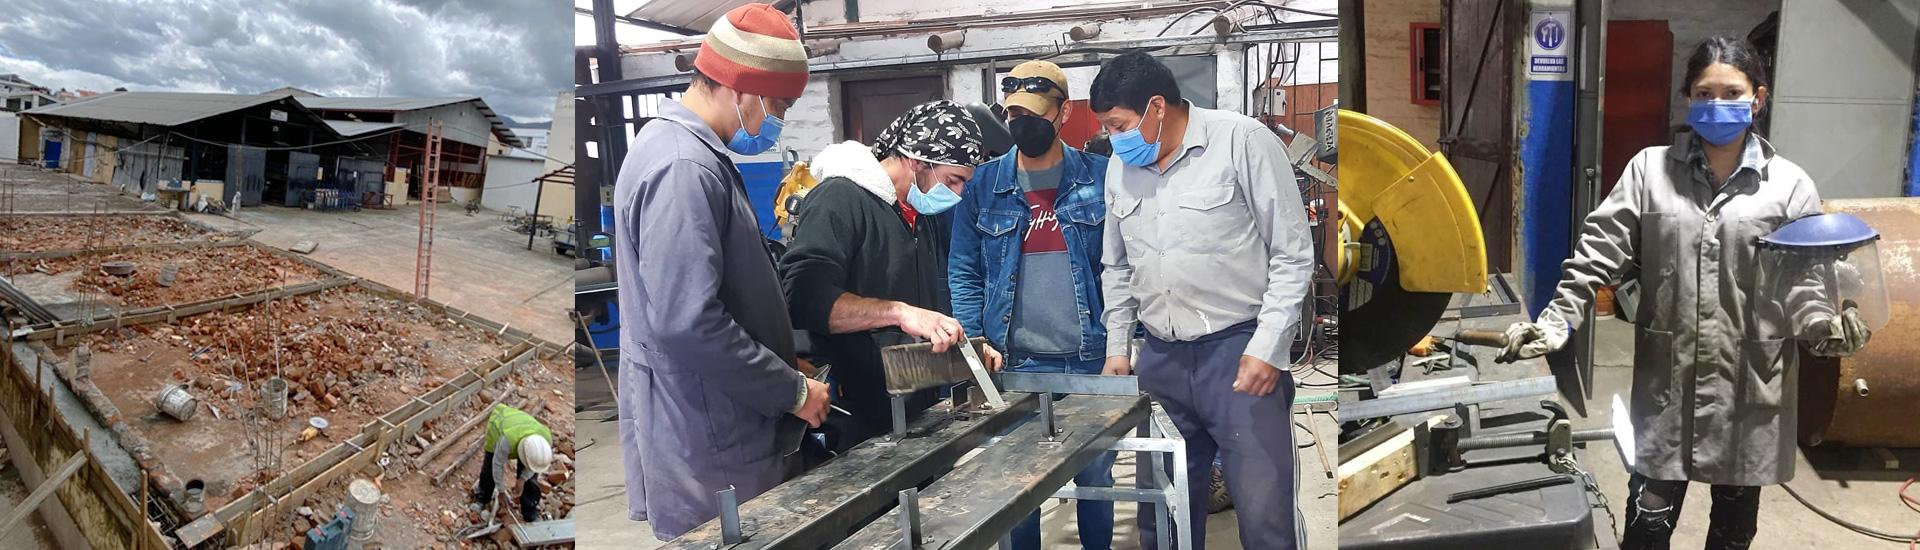 Exitosa formación técnica durante más de tres décadas del centro salesiano Tainate Huasi de Cayambé (Ecuador)